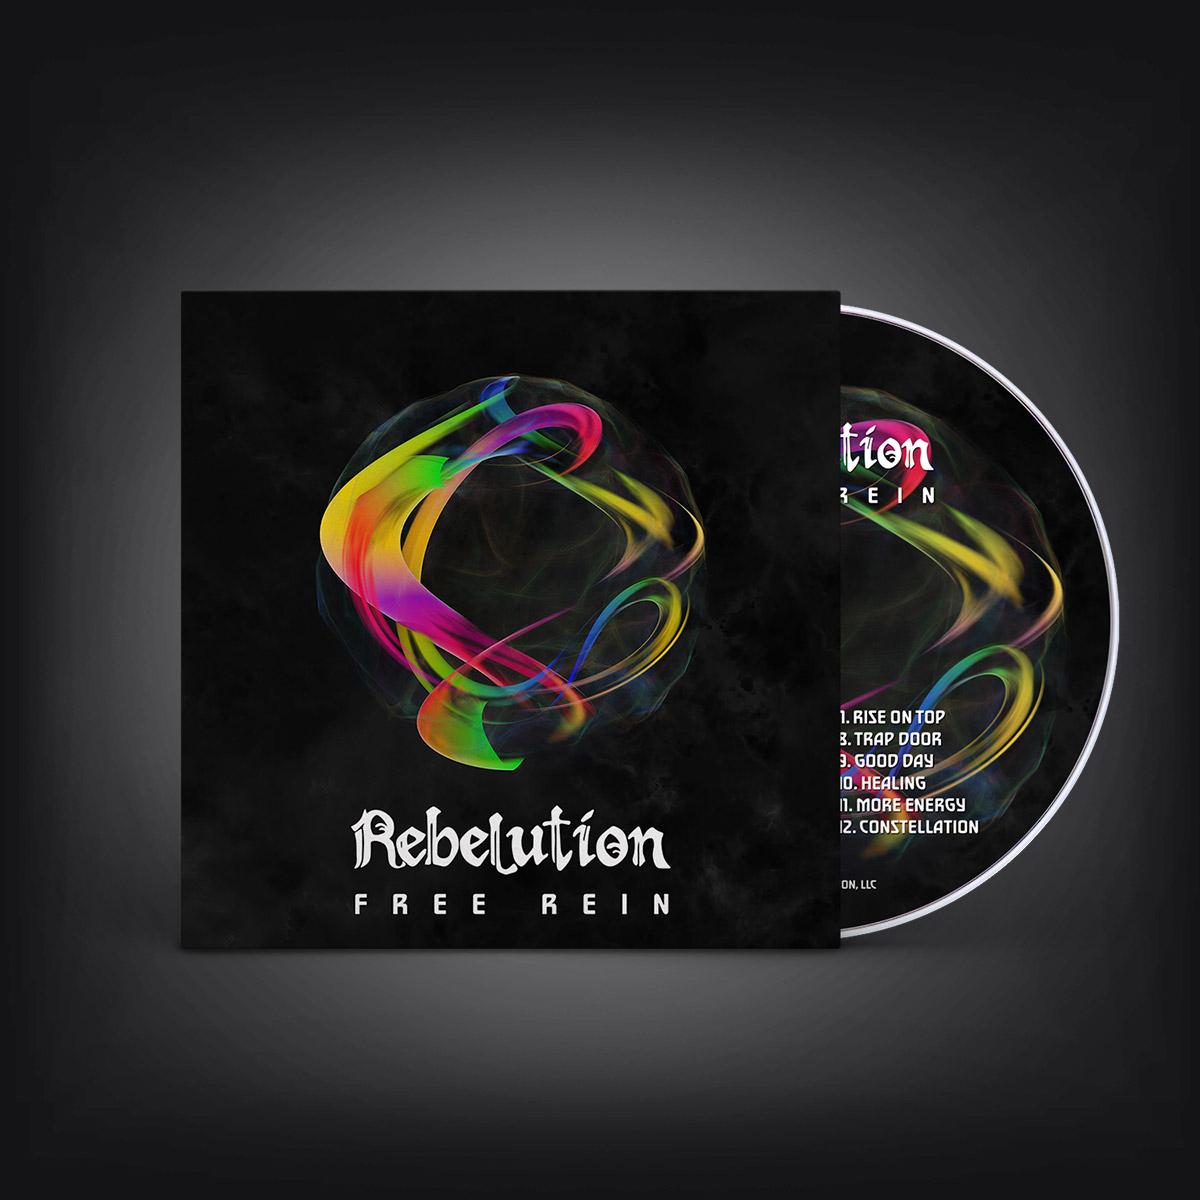 Free Rein CD